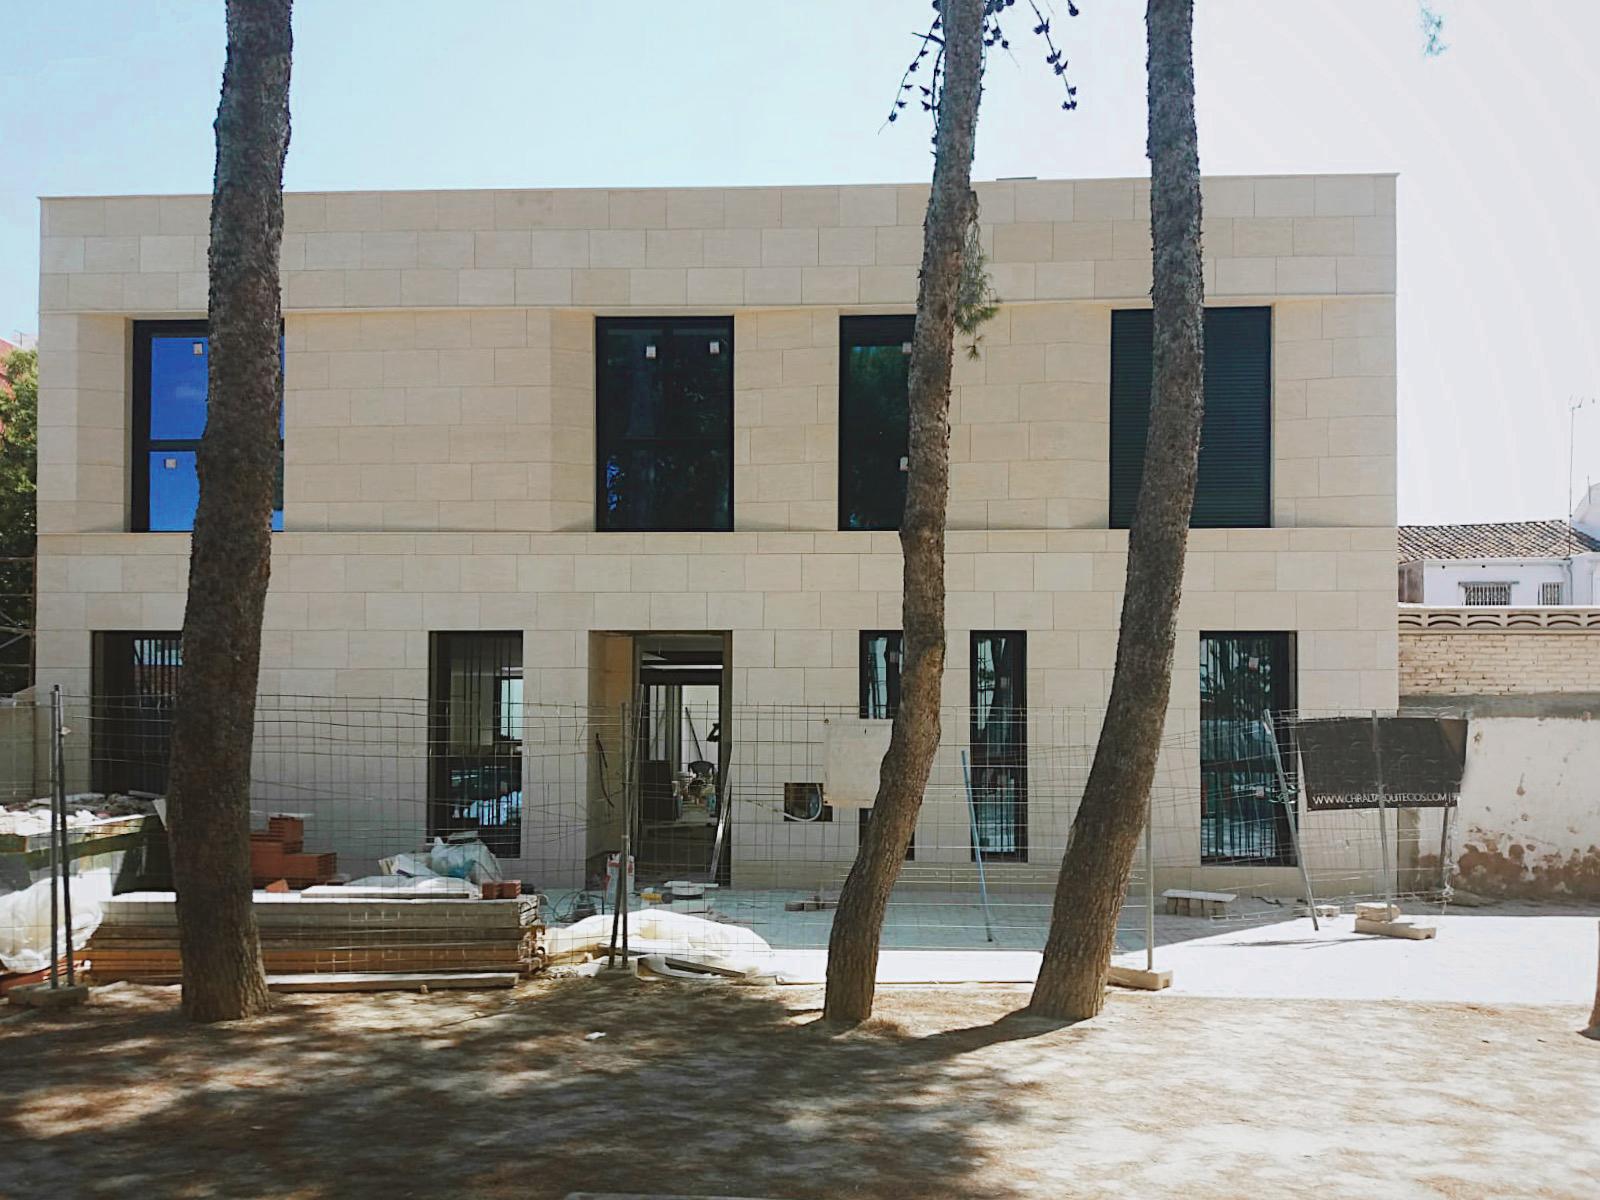 Vivienda-en-Moncada-Chiralt-Arquitectos-Valencia